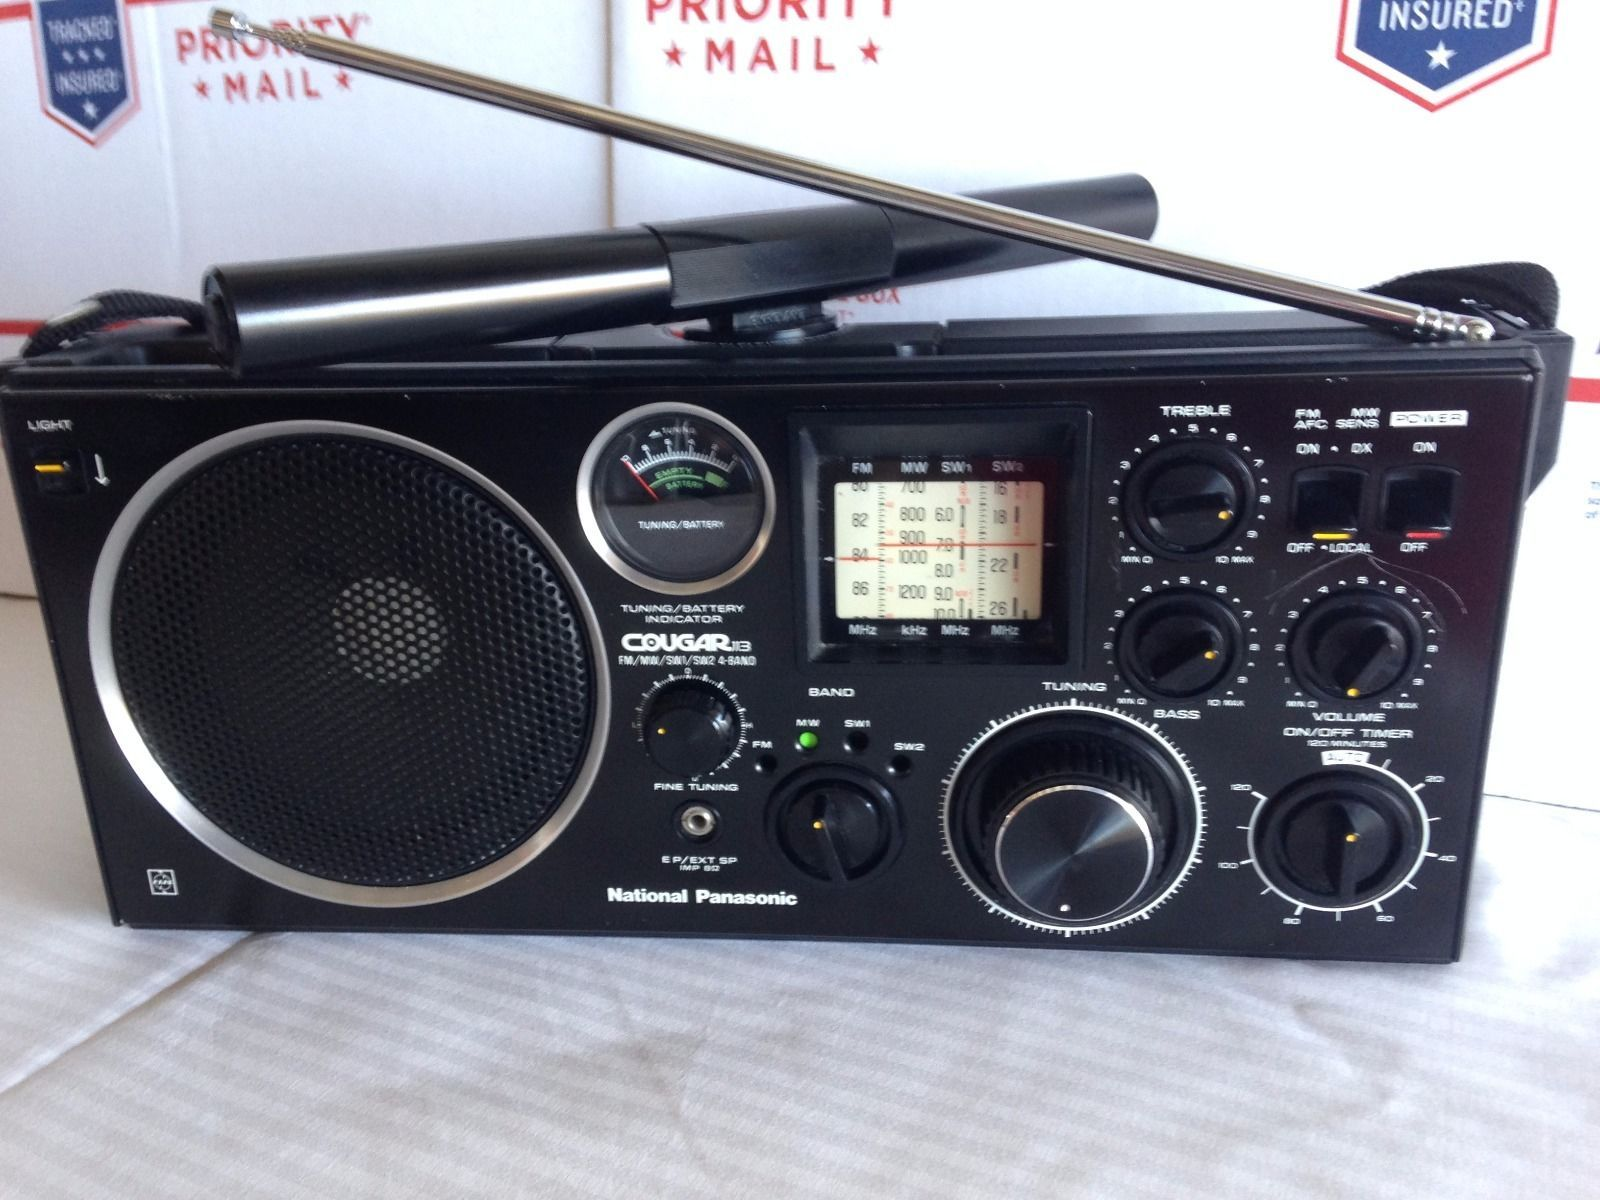 d7ed0c360e17b1aa9d5f1f60902ed505 30 best radio images on pinterest radios, ham radio and hams Panasonic RF 2600 Manual at bakdesigns.co